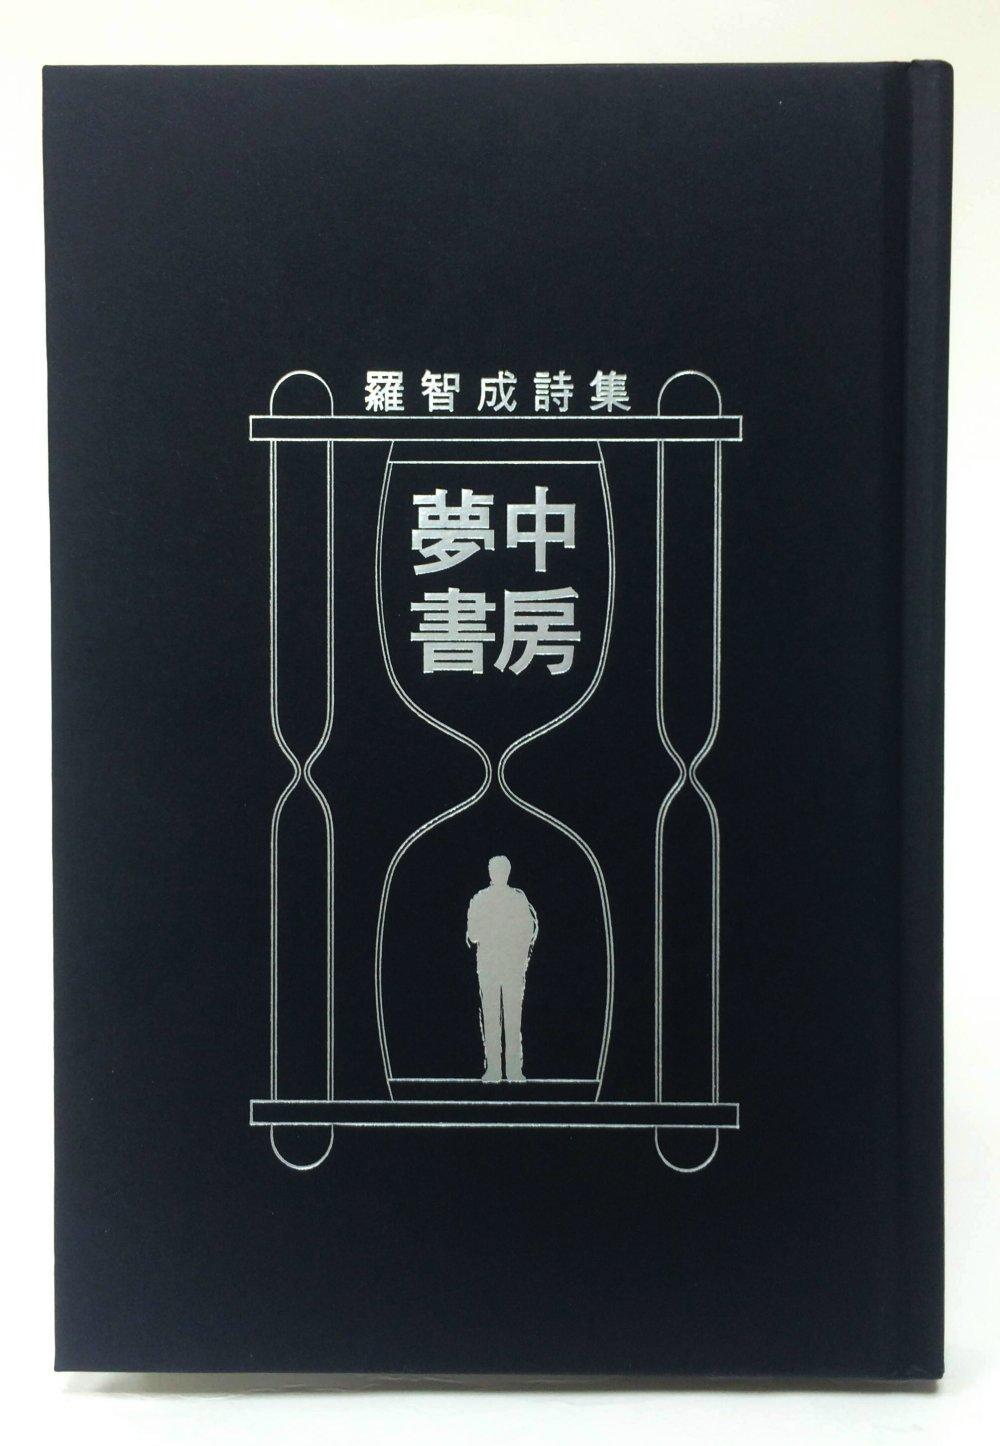 夢中書房(經典版)限量精裝500套珍藏編號親簽版